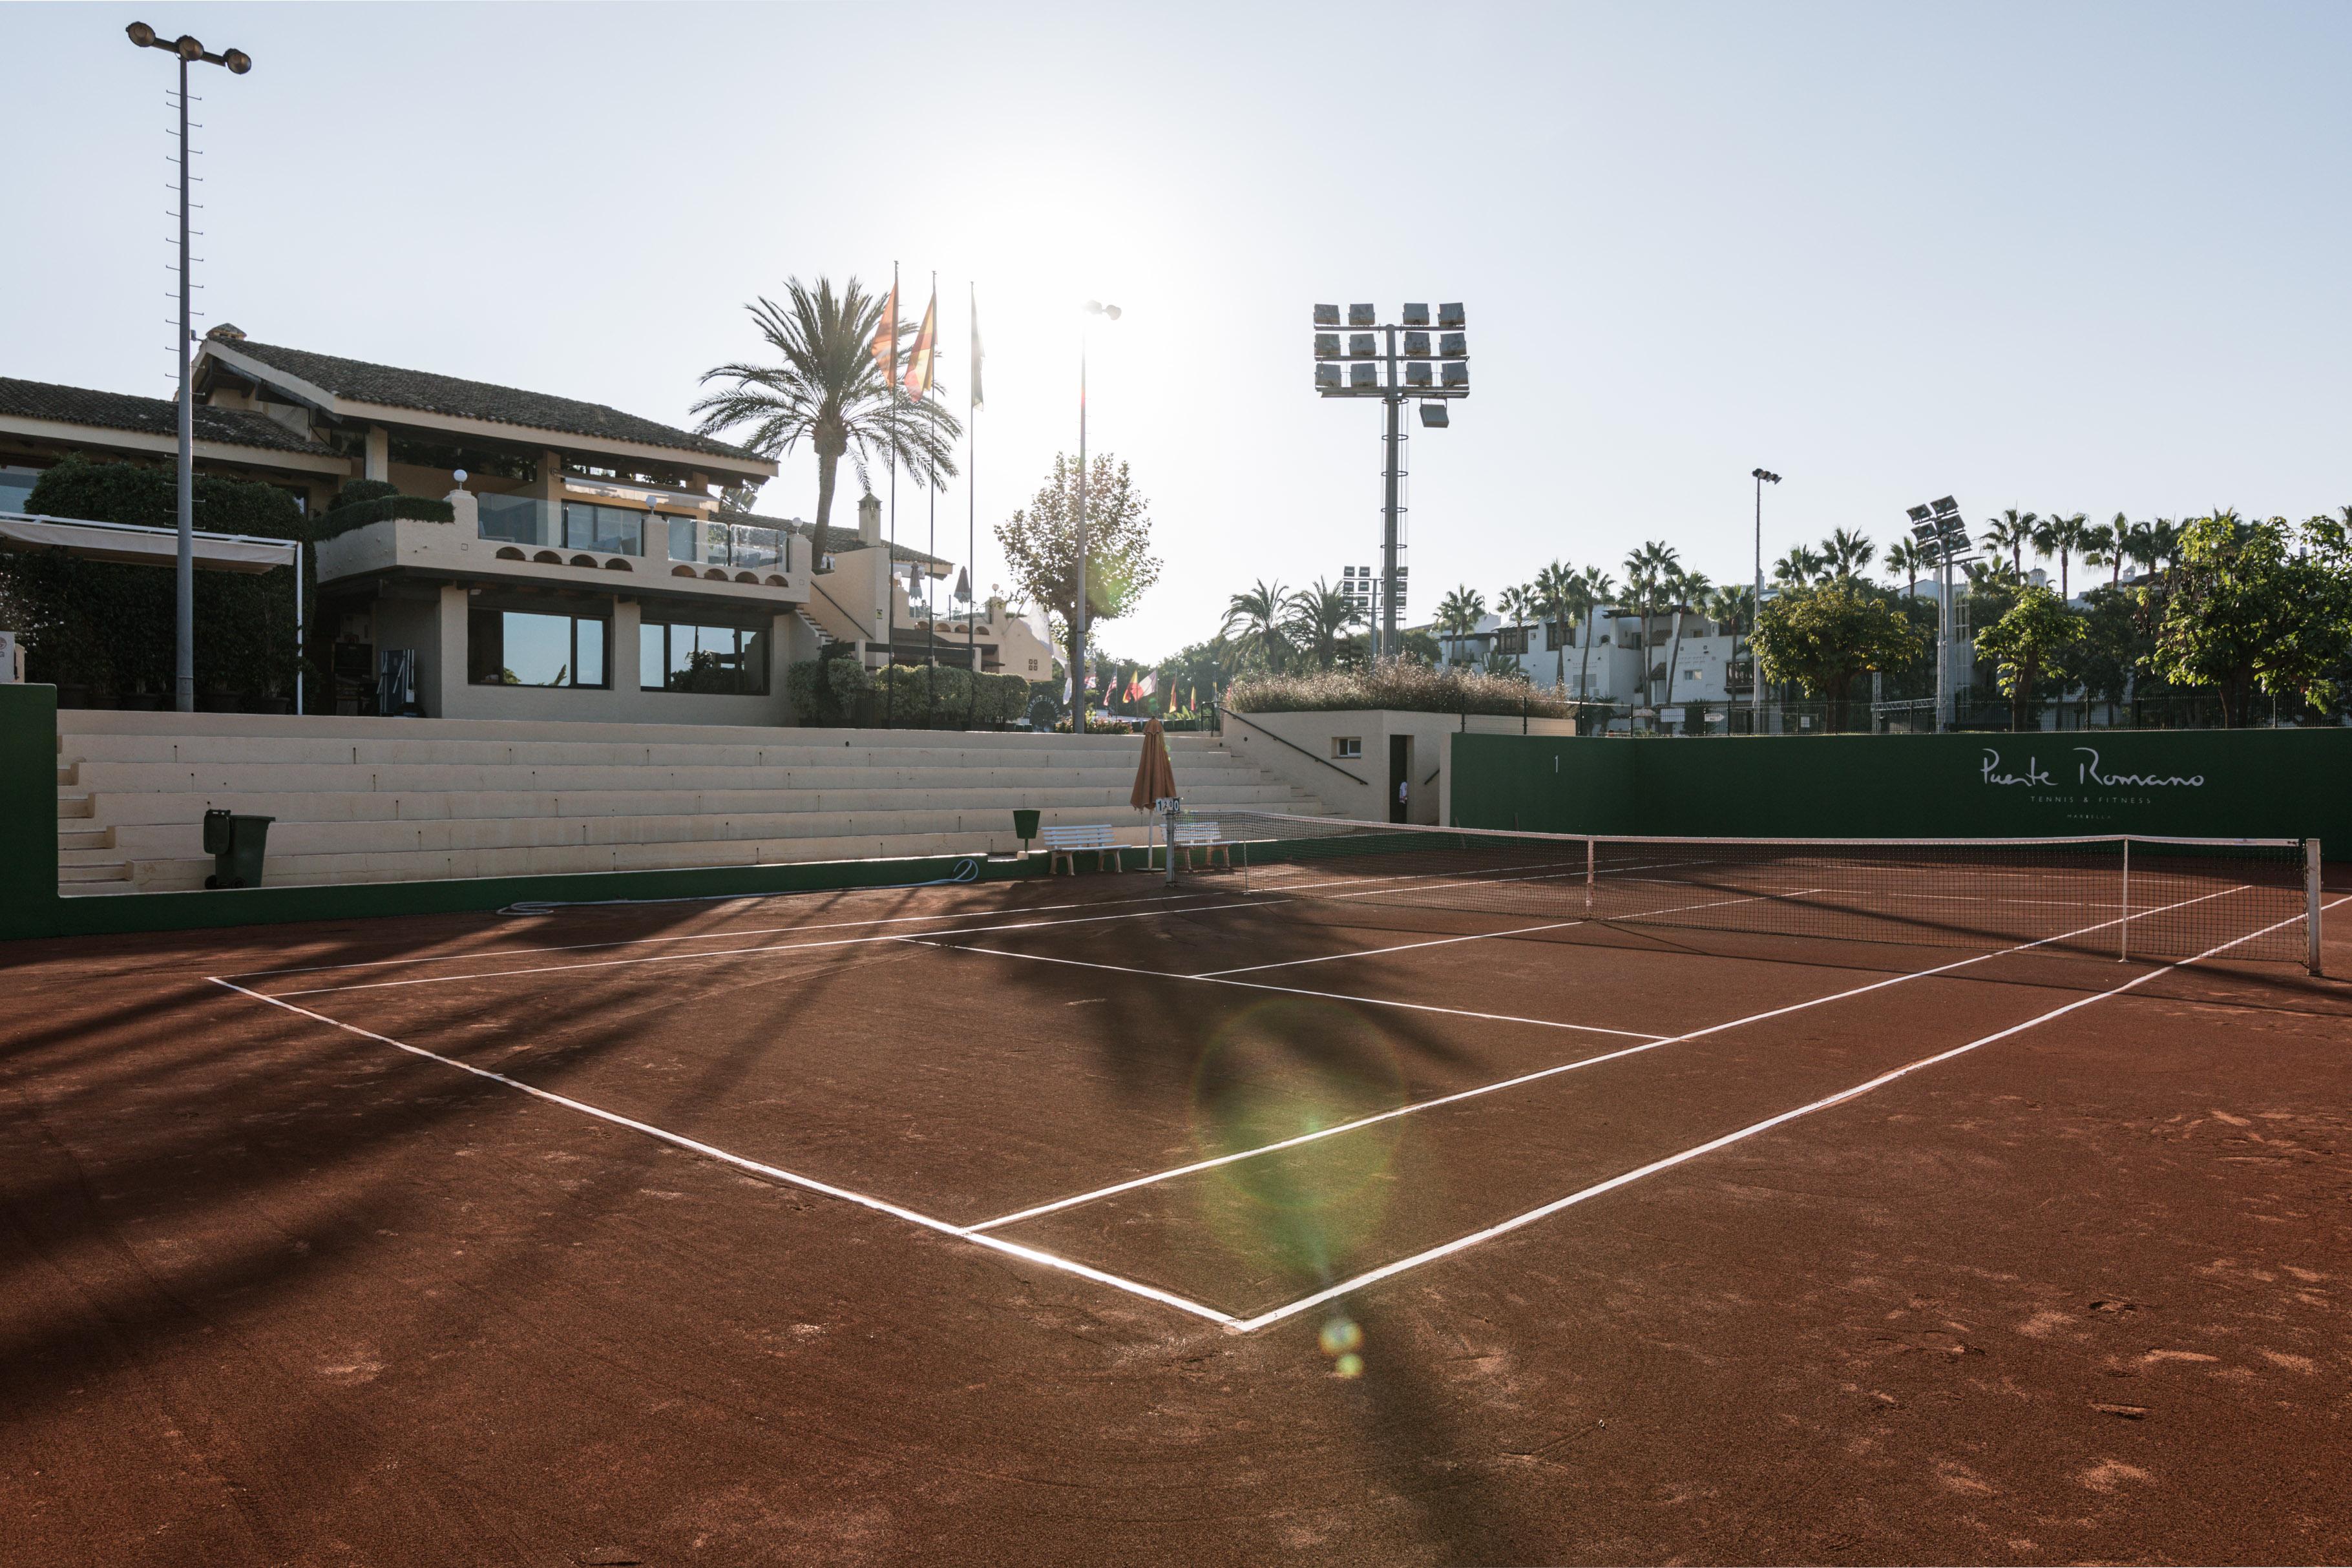 club-de-tenis-puente-romano-3